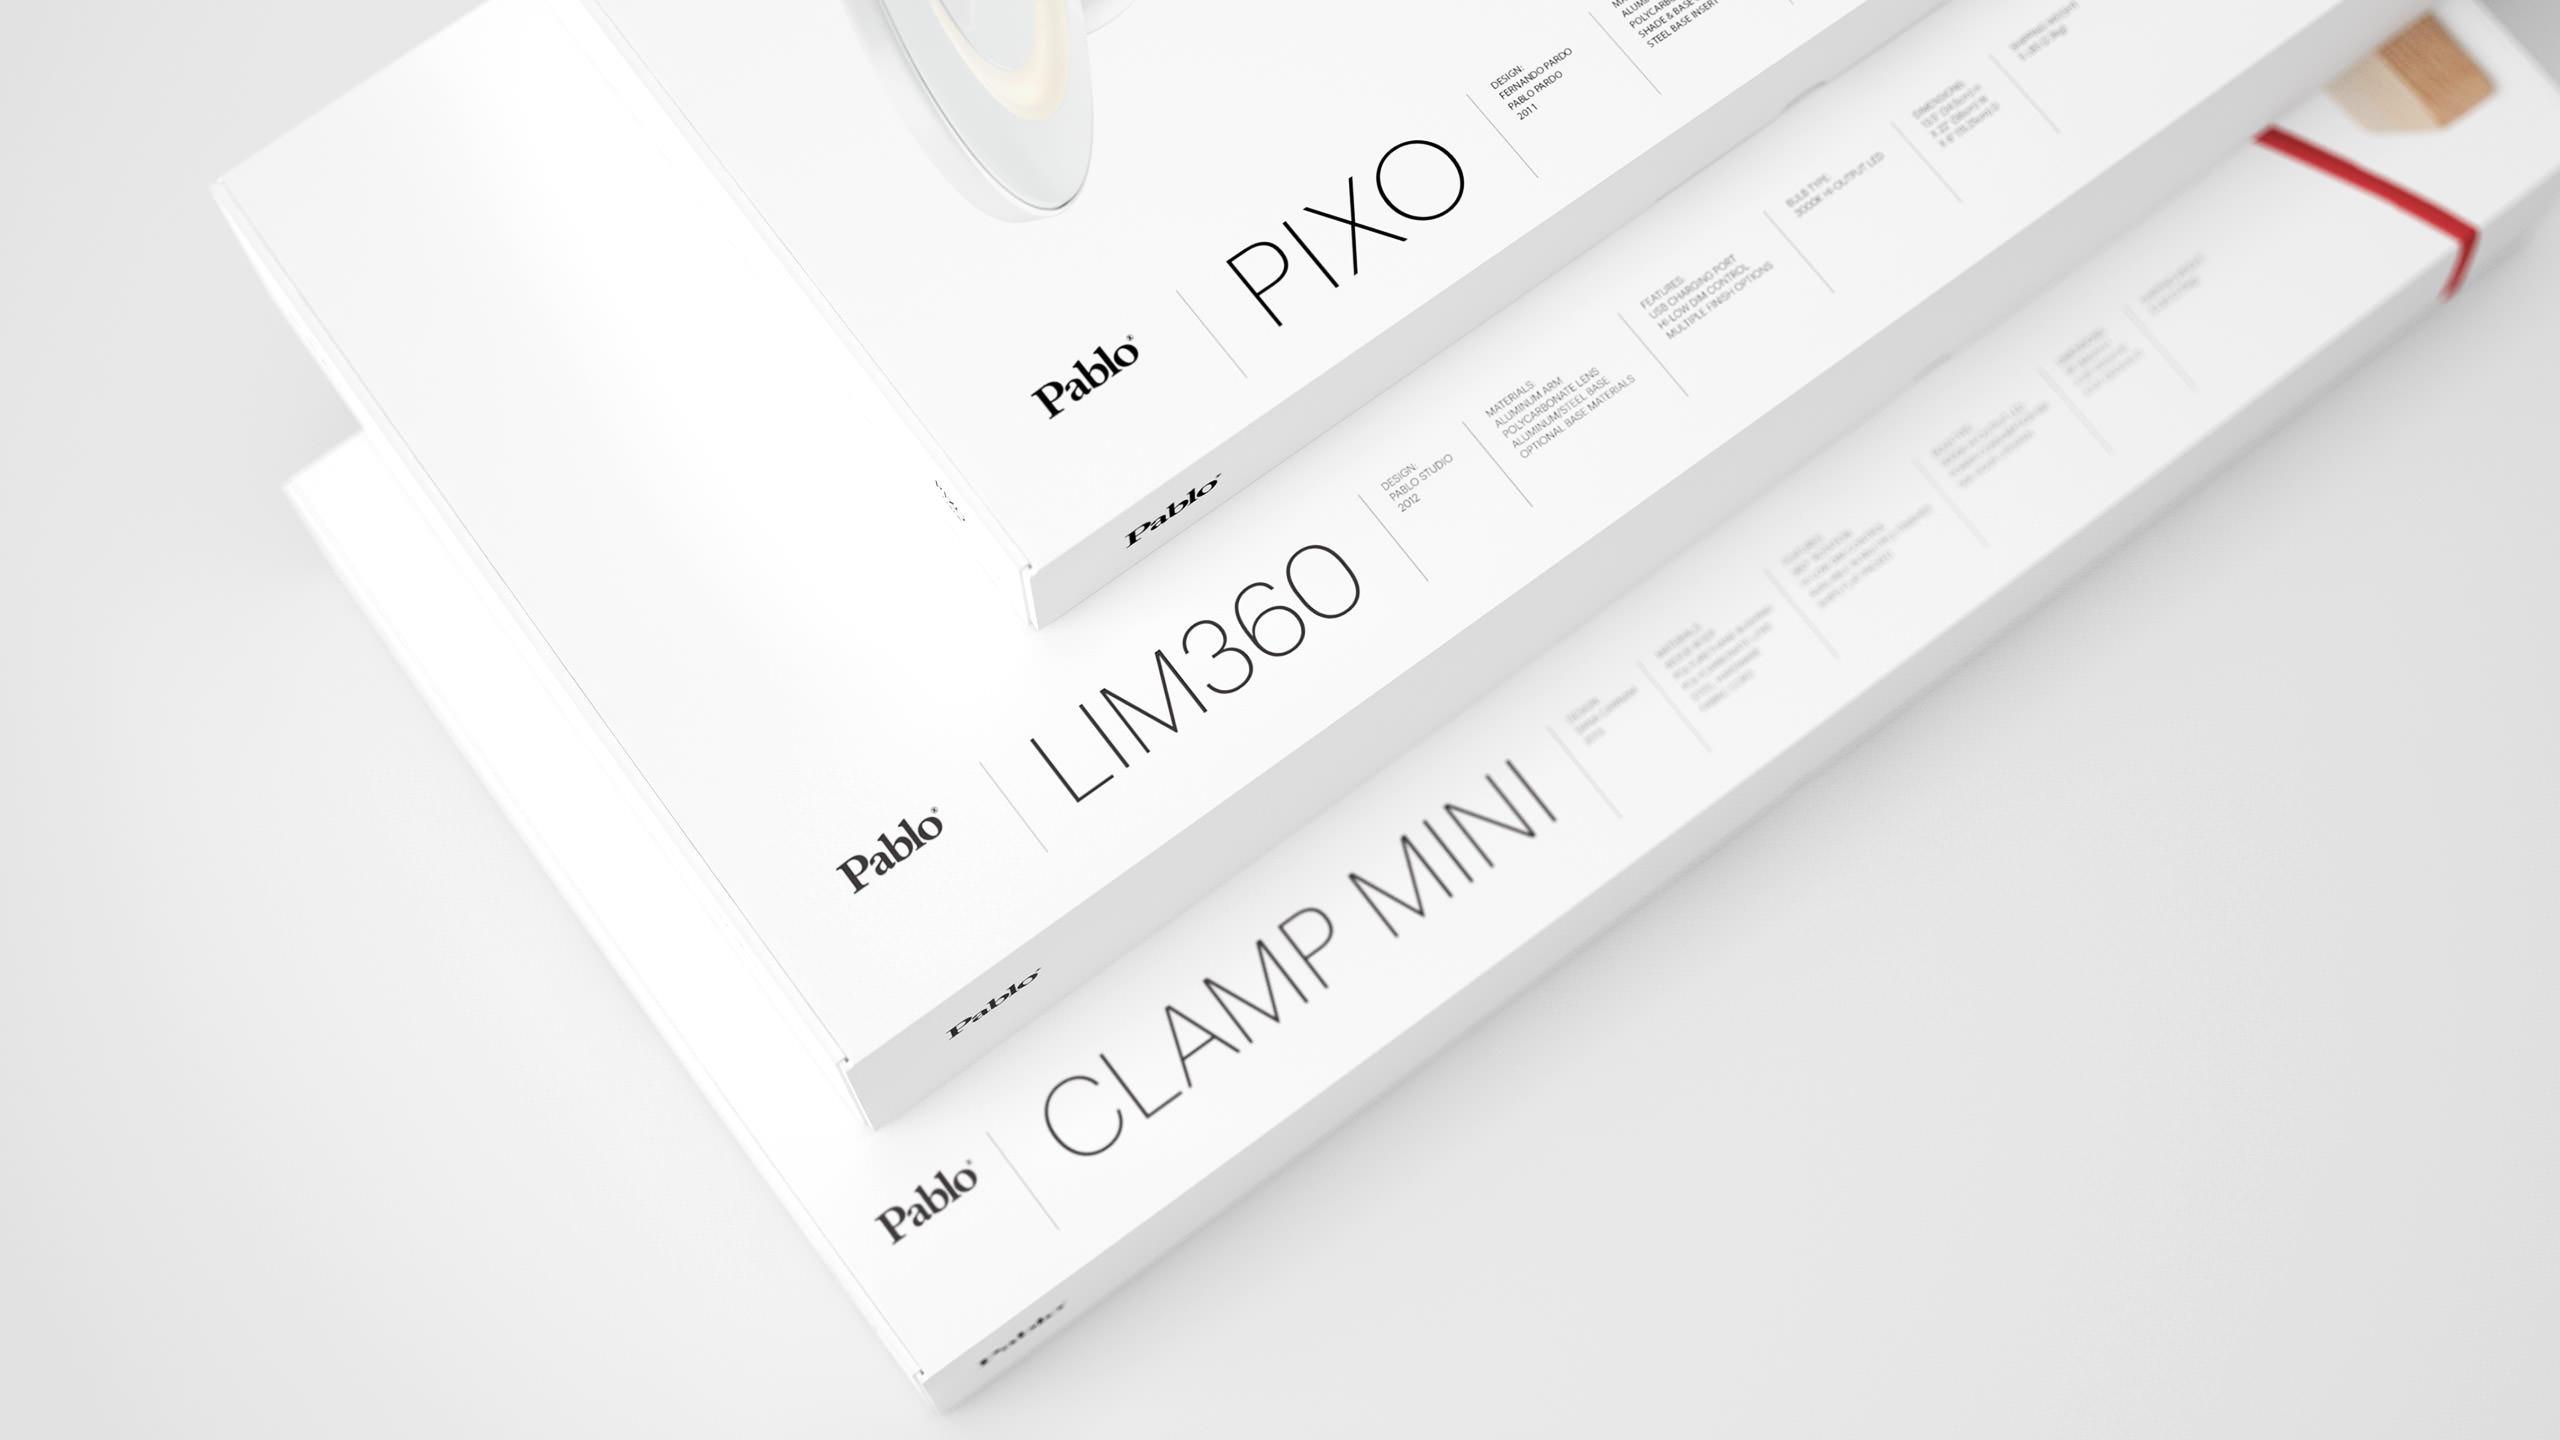 Pablo Designs Packaging - Lim360, Pixo, Clamp Mini